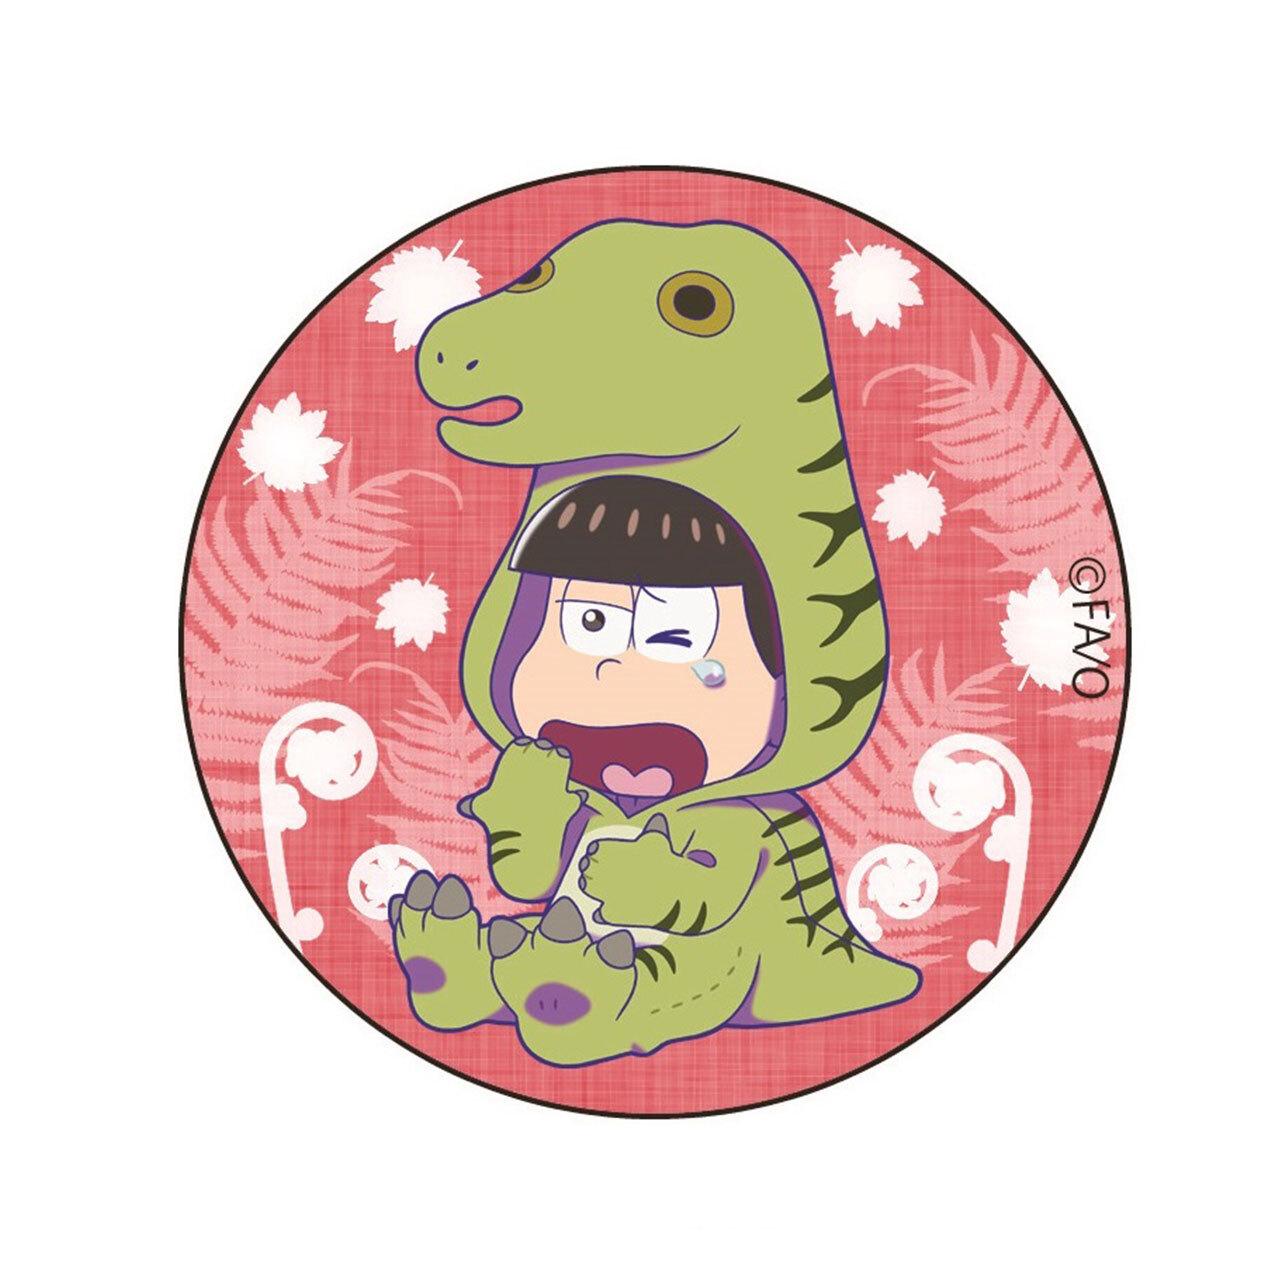 【4589839356916予】おそ松さん フクイサウルス おそ松 缶バッジ